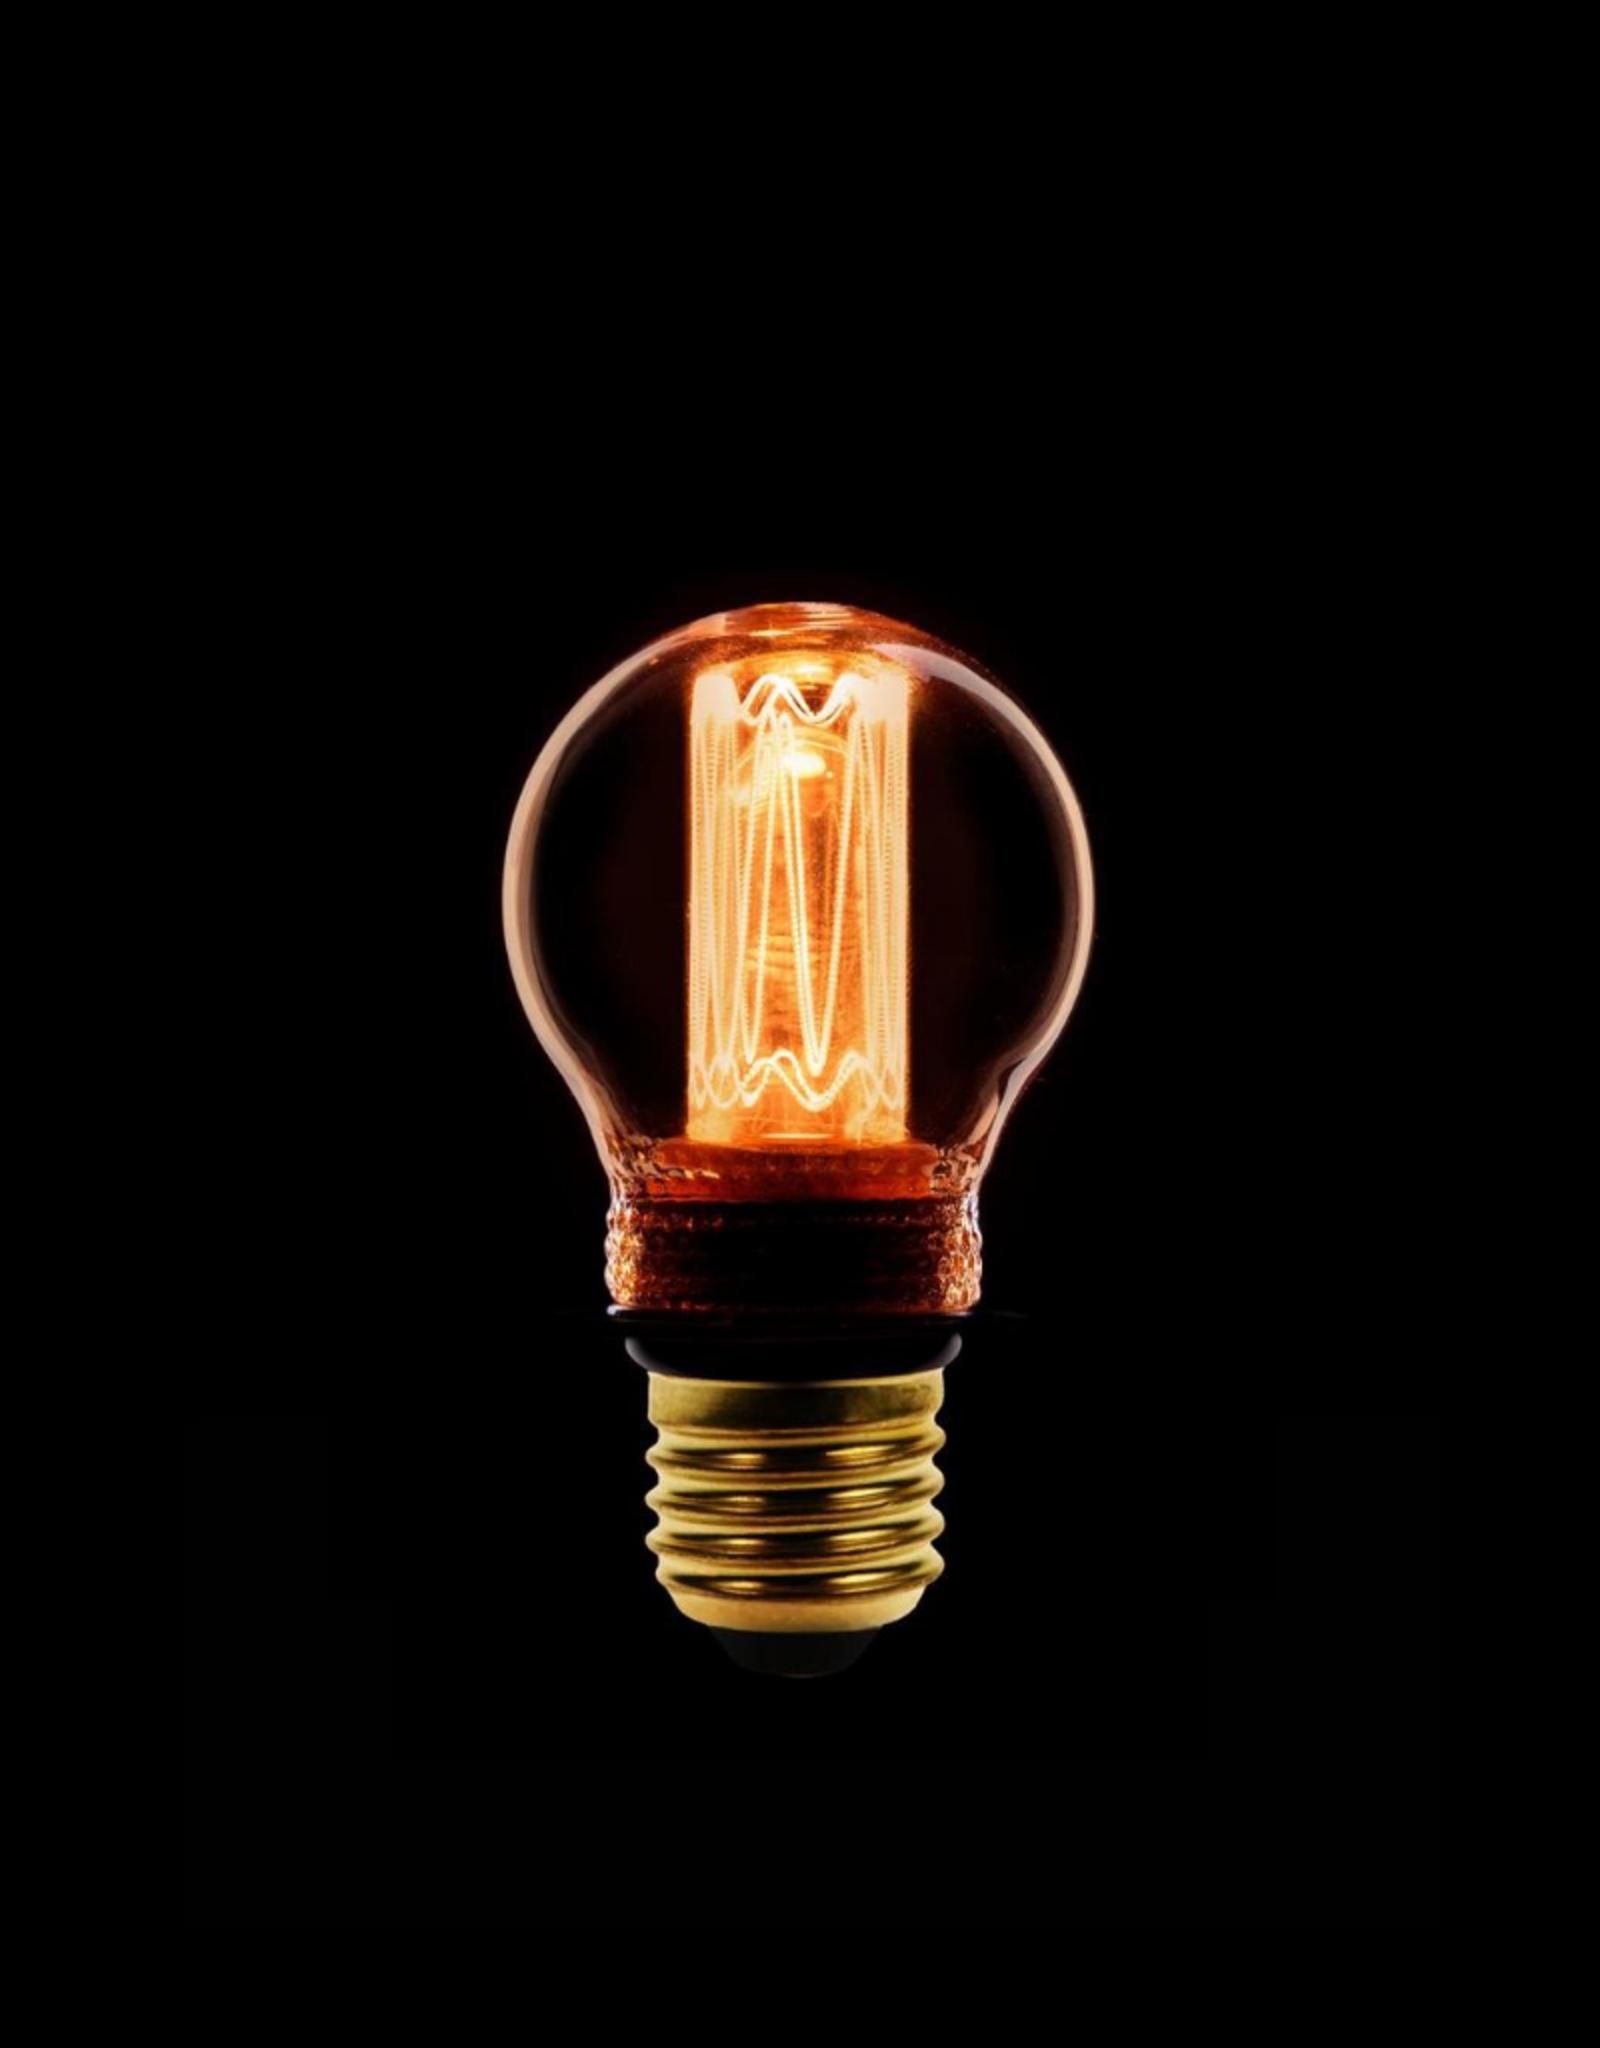 Lamp LED kooldraad dimbaar - Kogel Amber/Goud E27